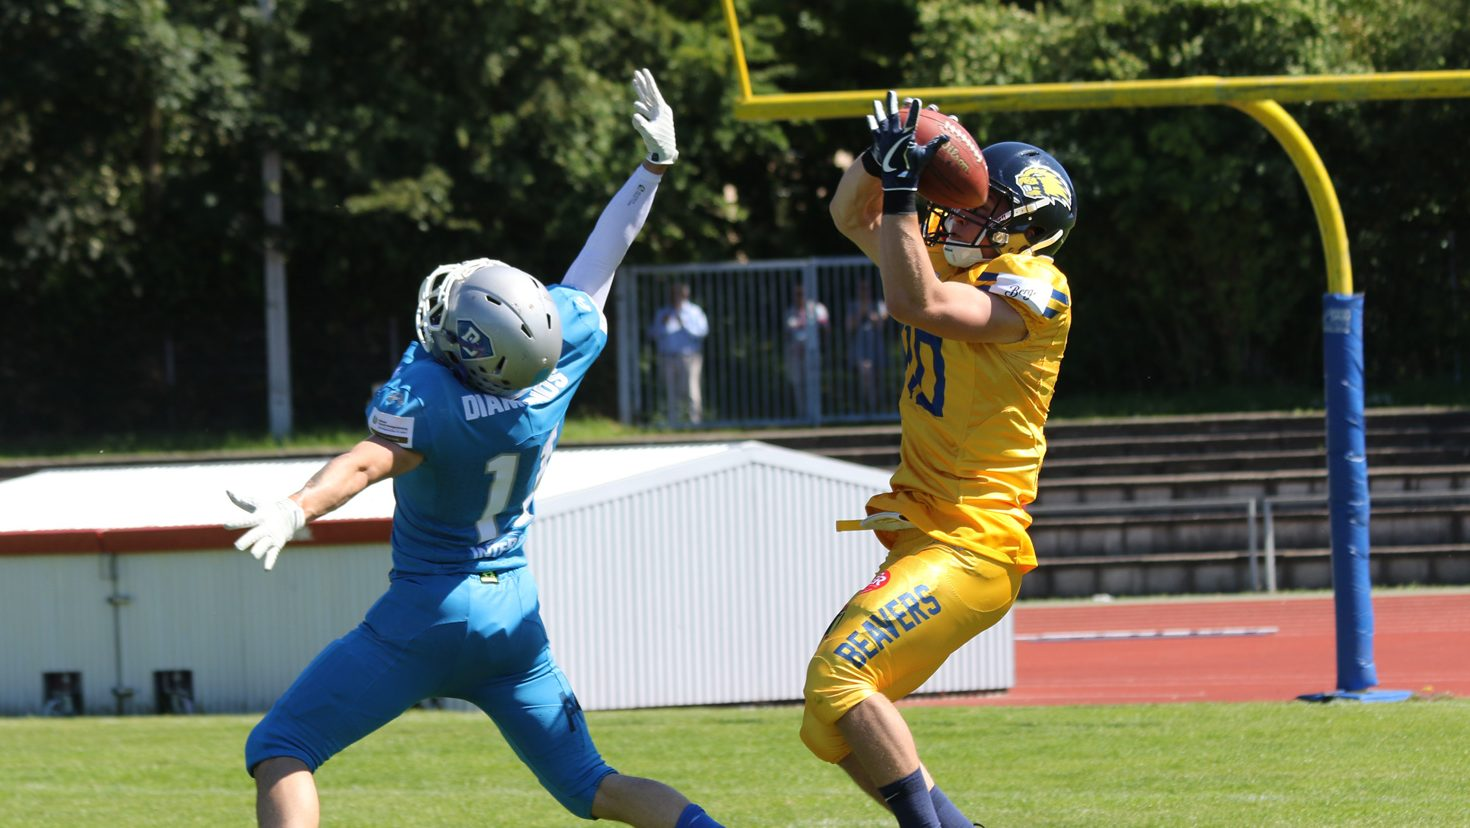 Darmstadt Diamonds gegen Biberach Beavers: Ingo Berther (Biberach) fängt den Ball und wird diesen zum Touchdown für die Beavers tragen. Alex Mc Givern ist geschlagen.